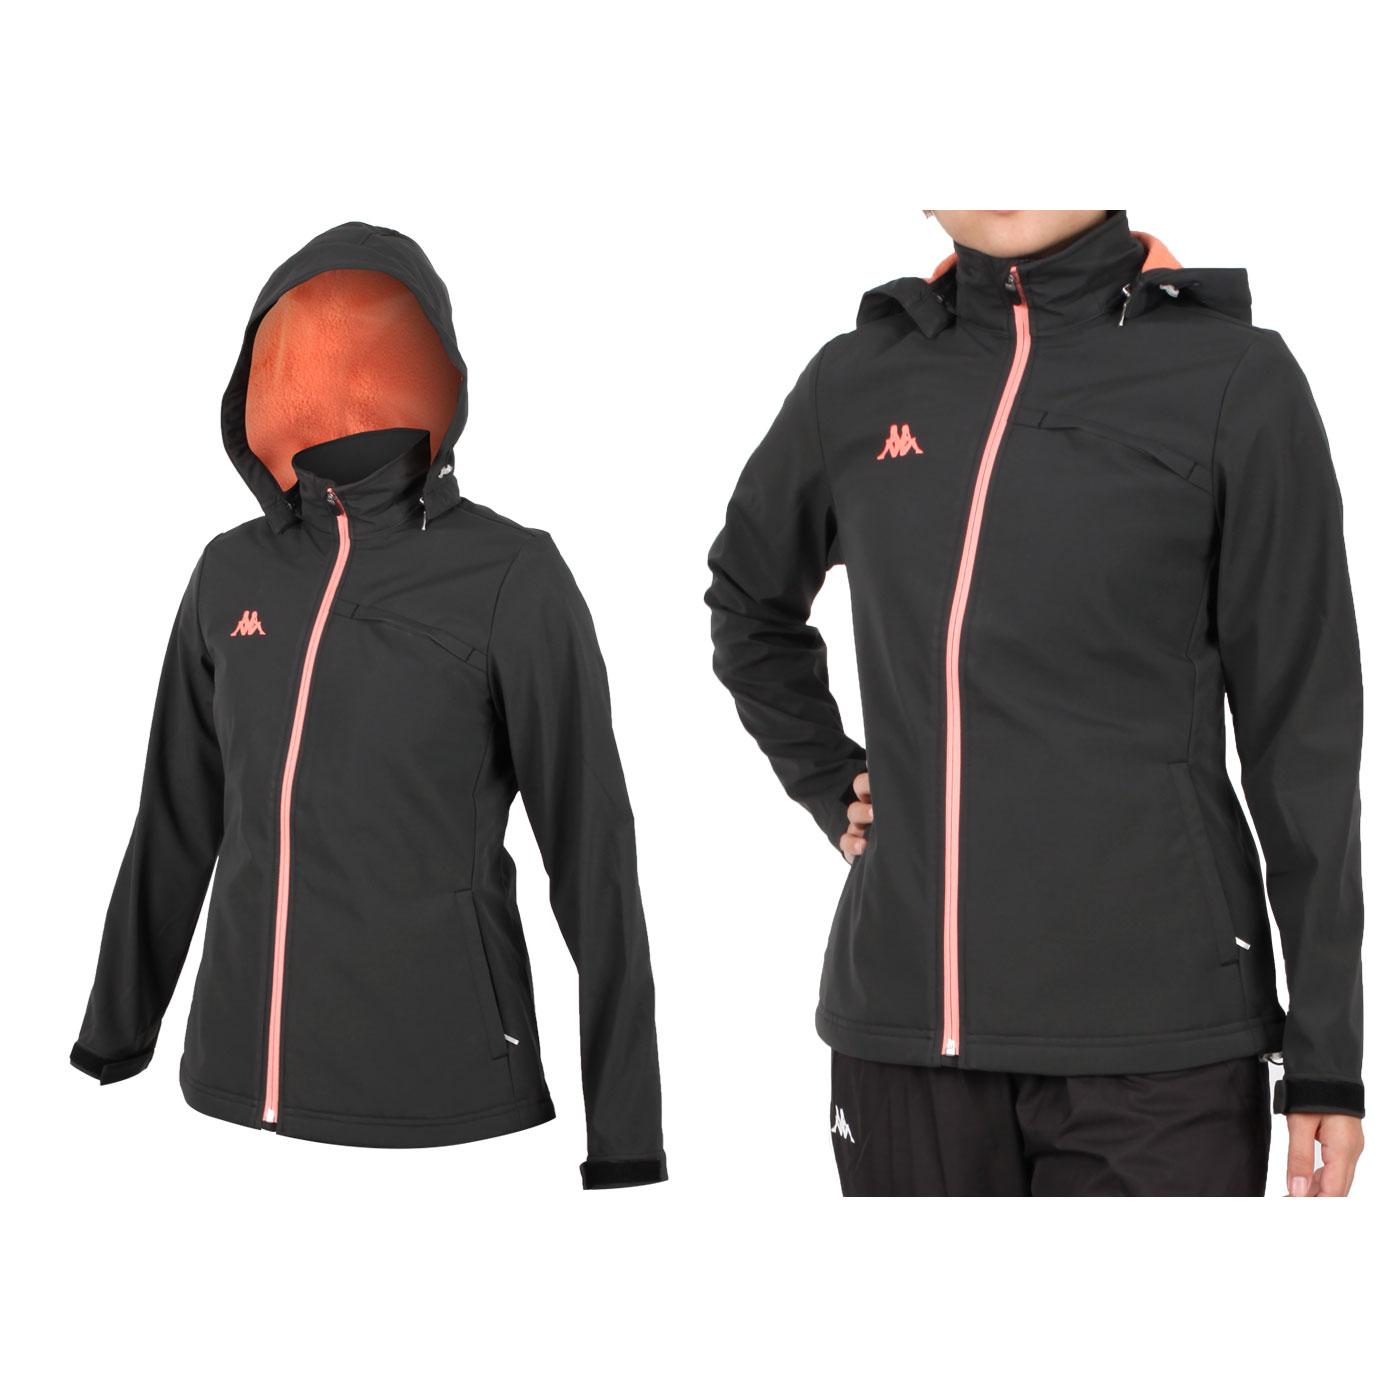 KAPPA 女款防潑水刷毛裡外套 351299W-B55 - 黑粉橘